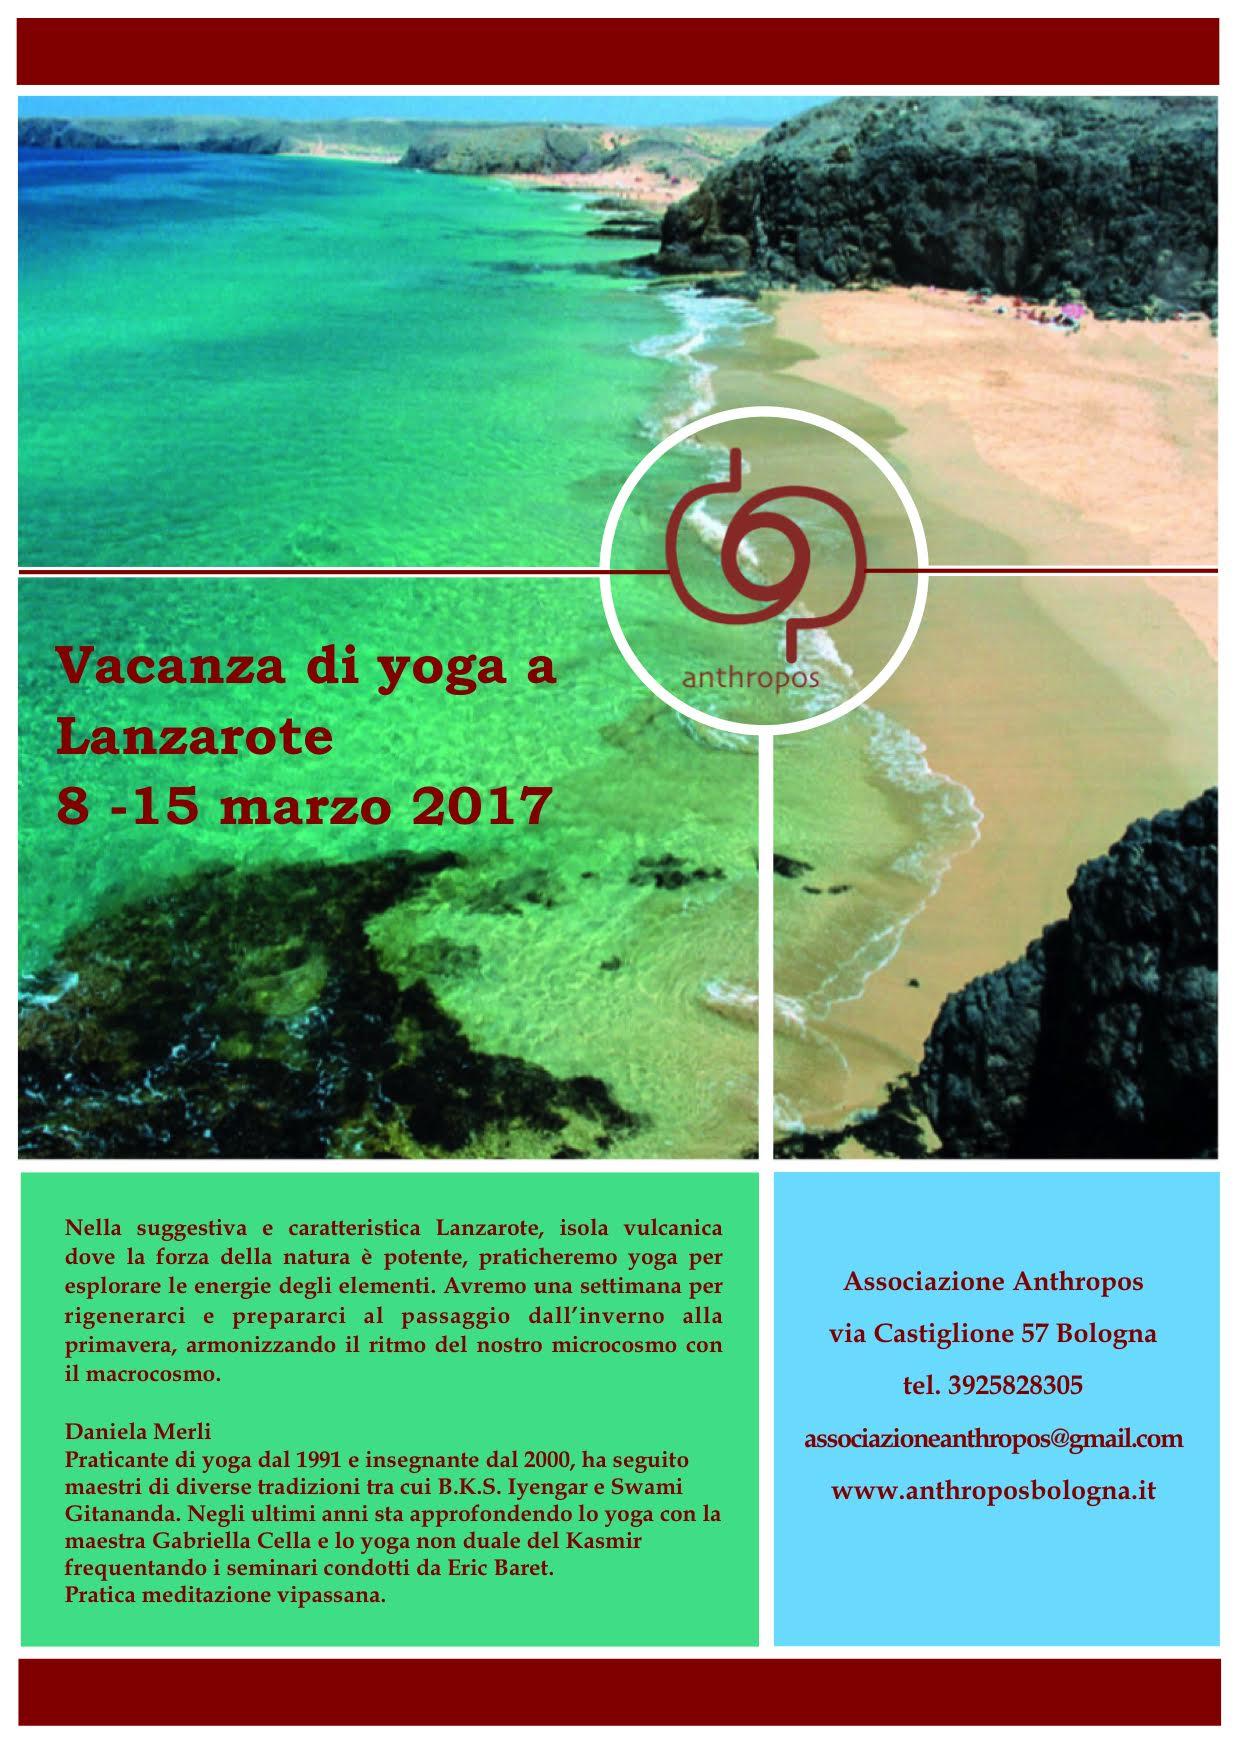 Anthropos Bologna Vacanza di yoga a Lanzarote